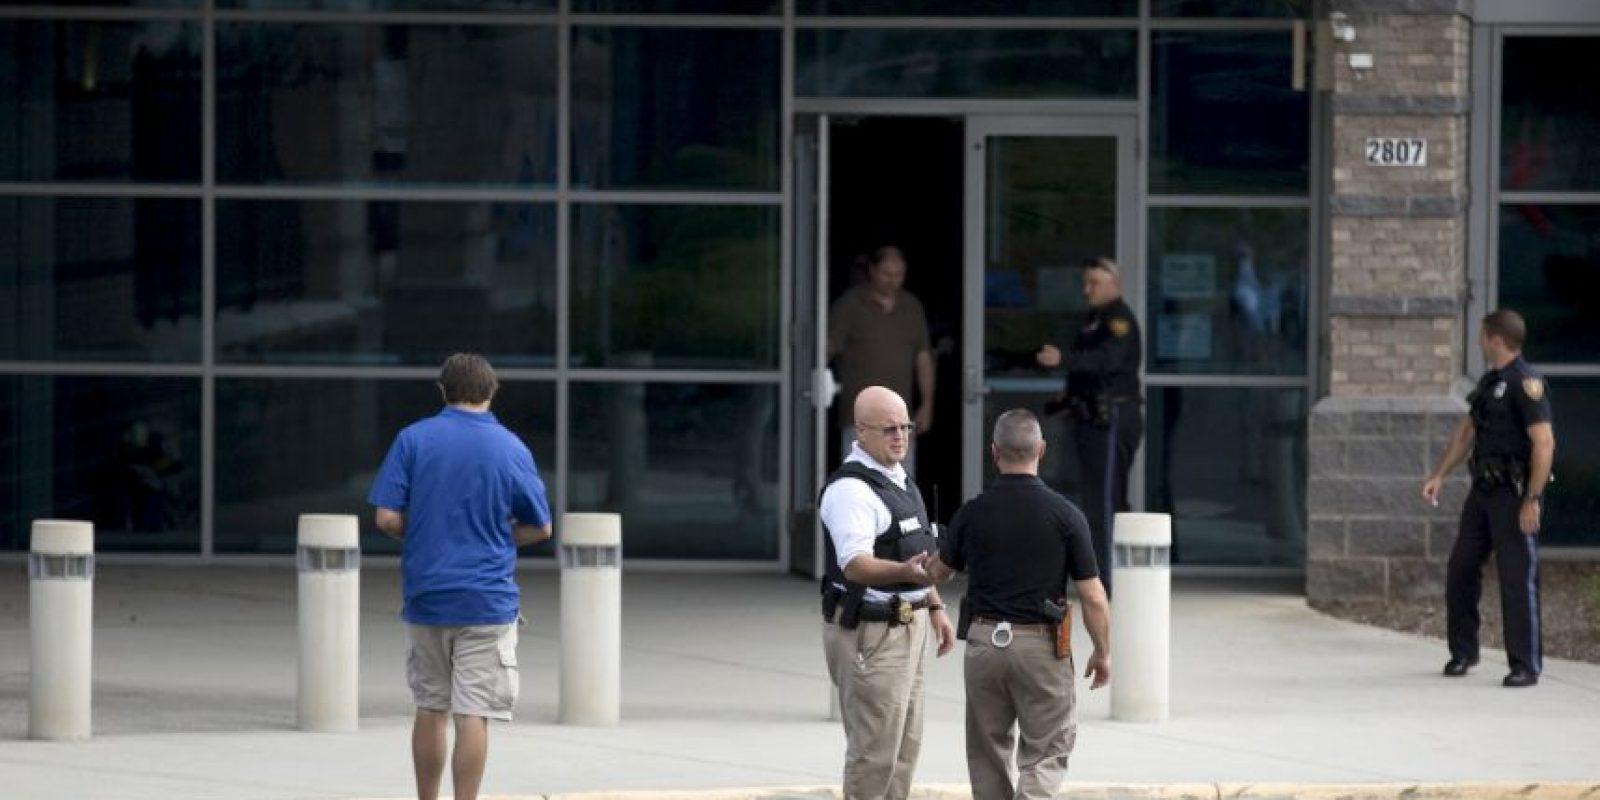 Se disparó cuando se vio acorralado por la policía Foto:AP